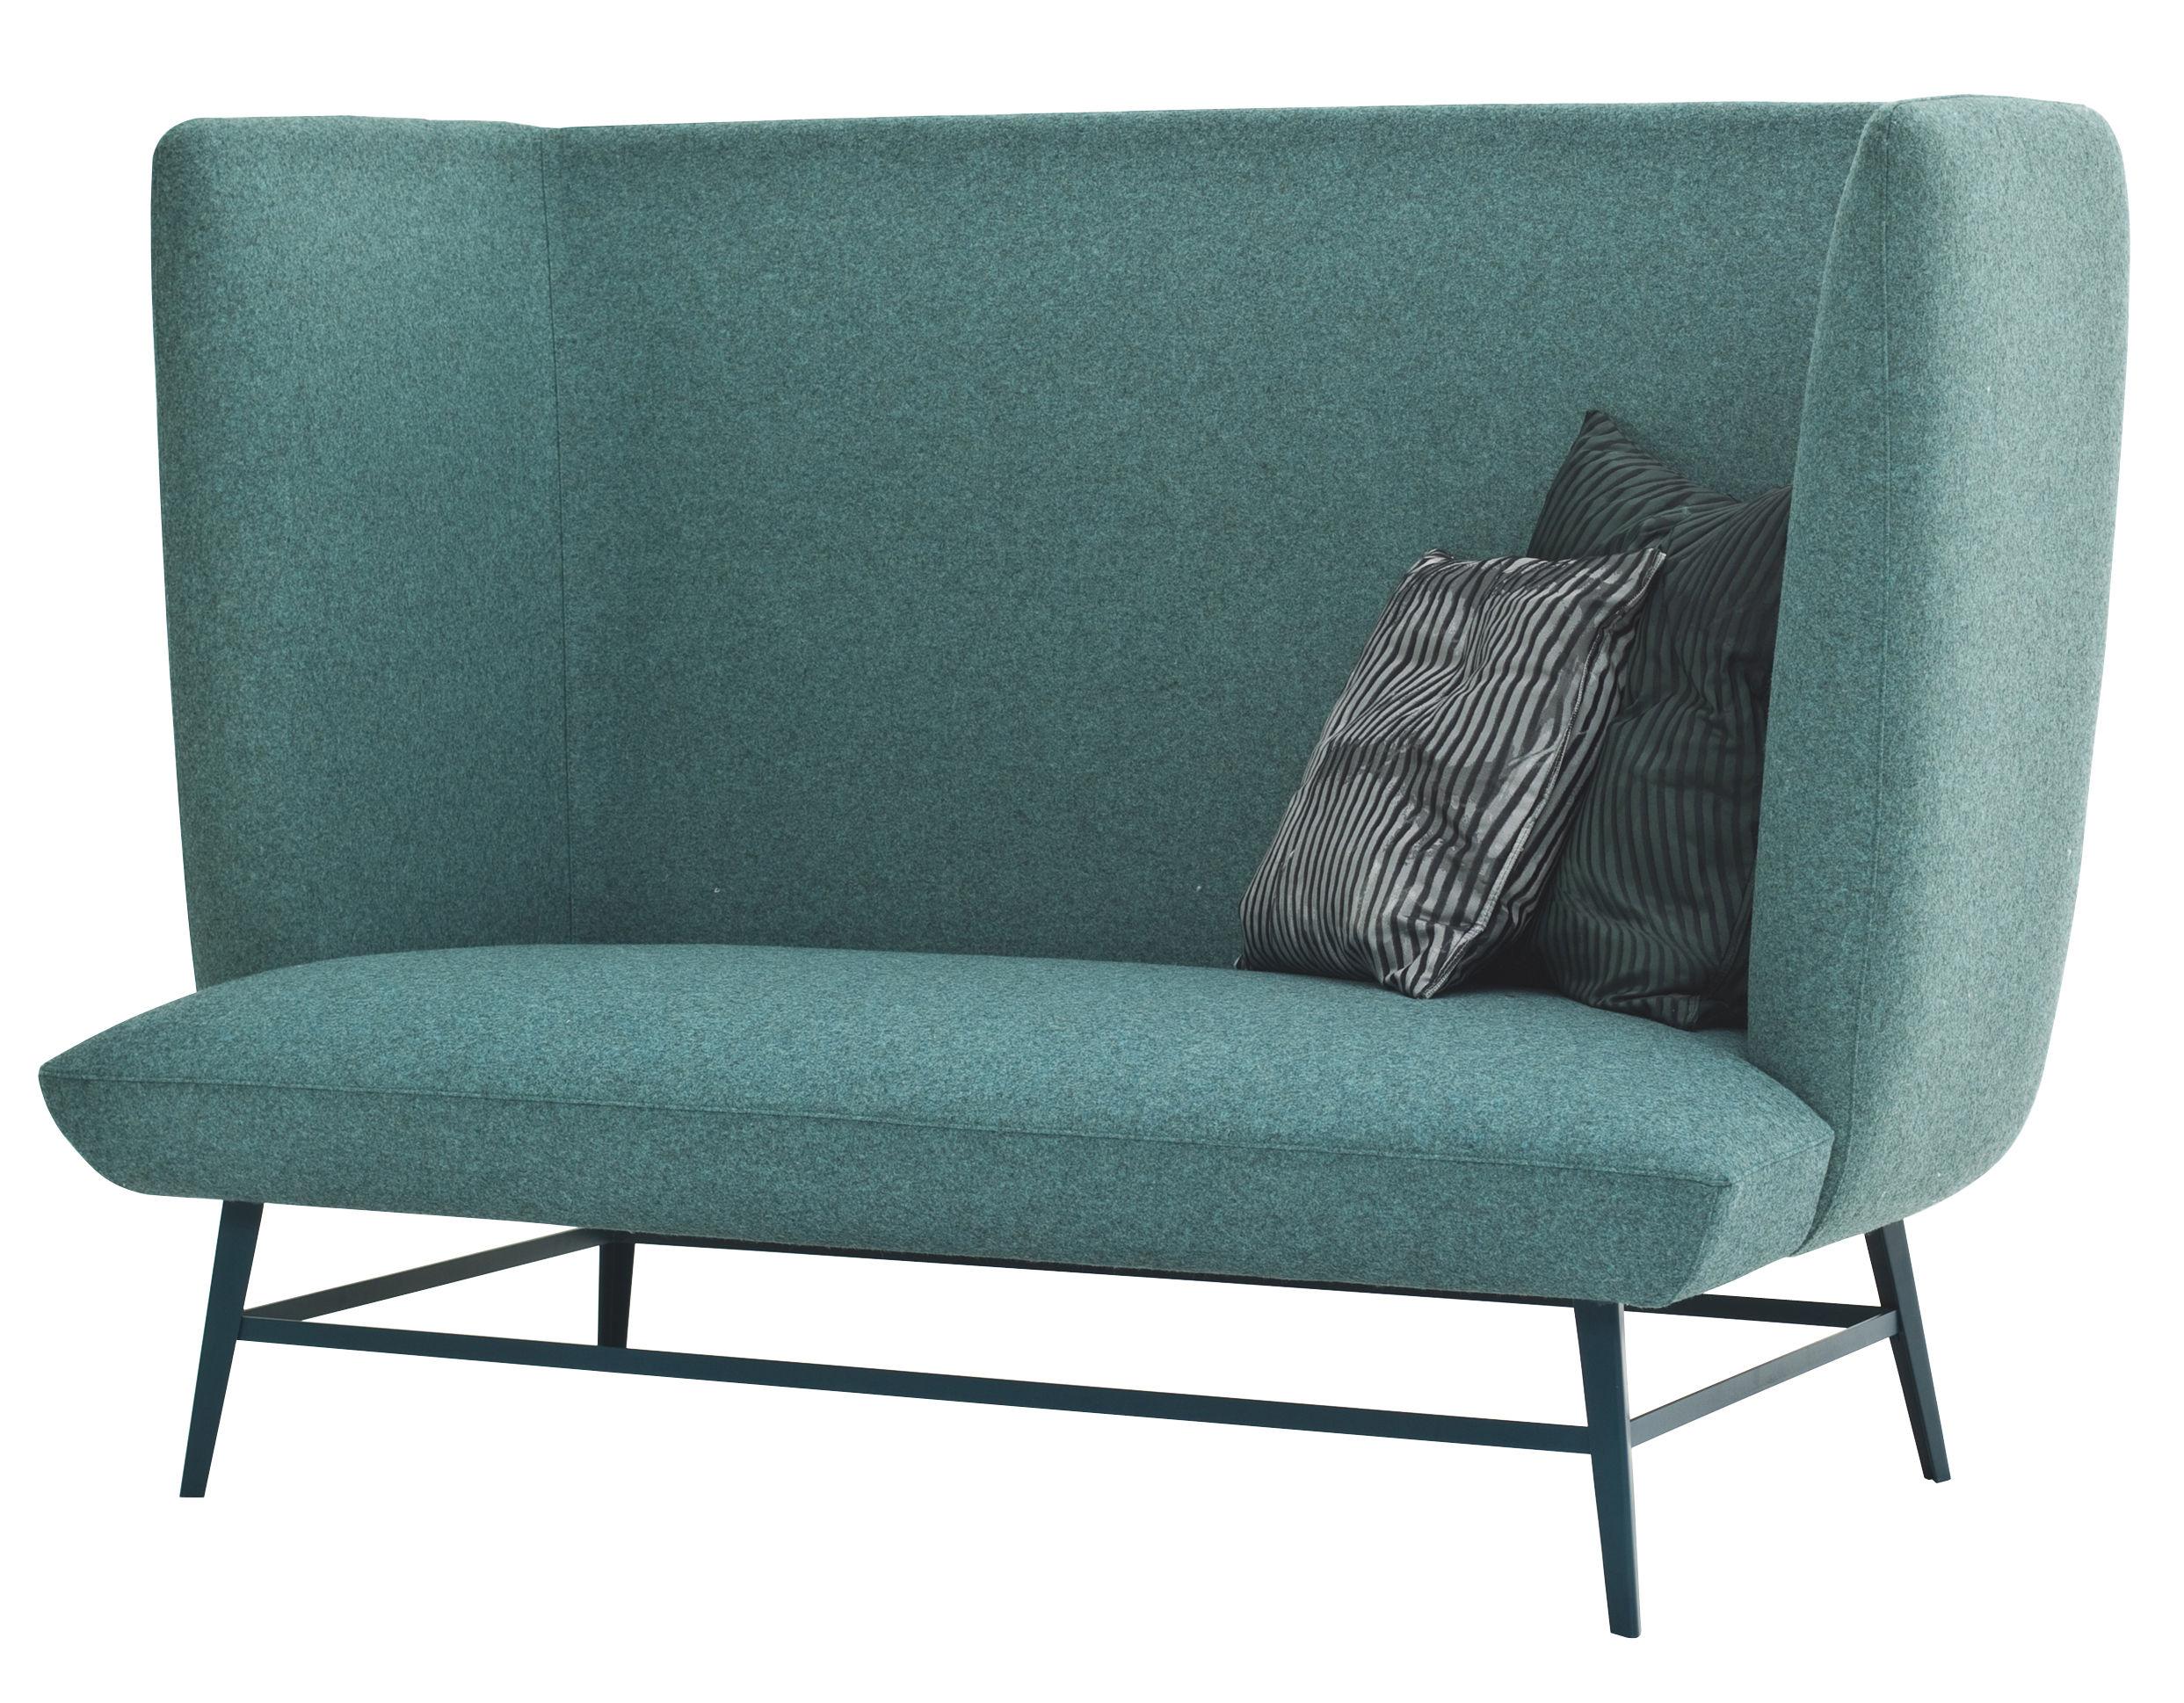 canap droit gimme shelter 2 places l 160 cm x h 113. Black Bedroom Furniture Sets. Home Design Ideas